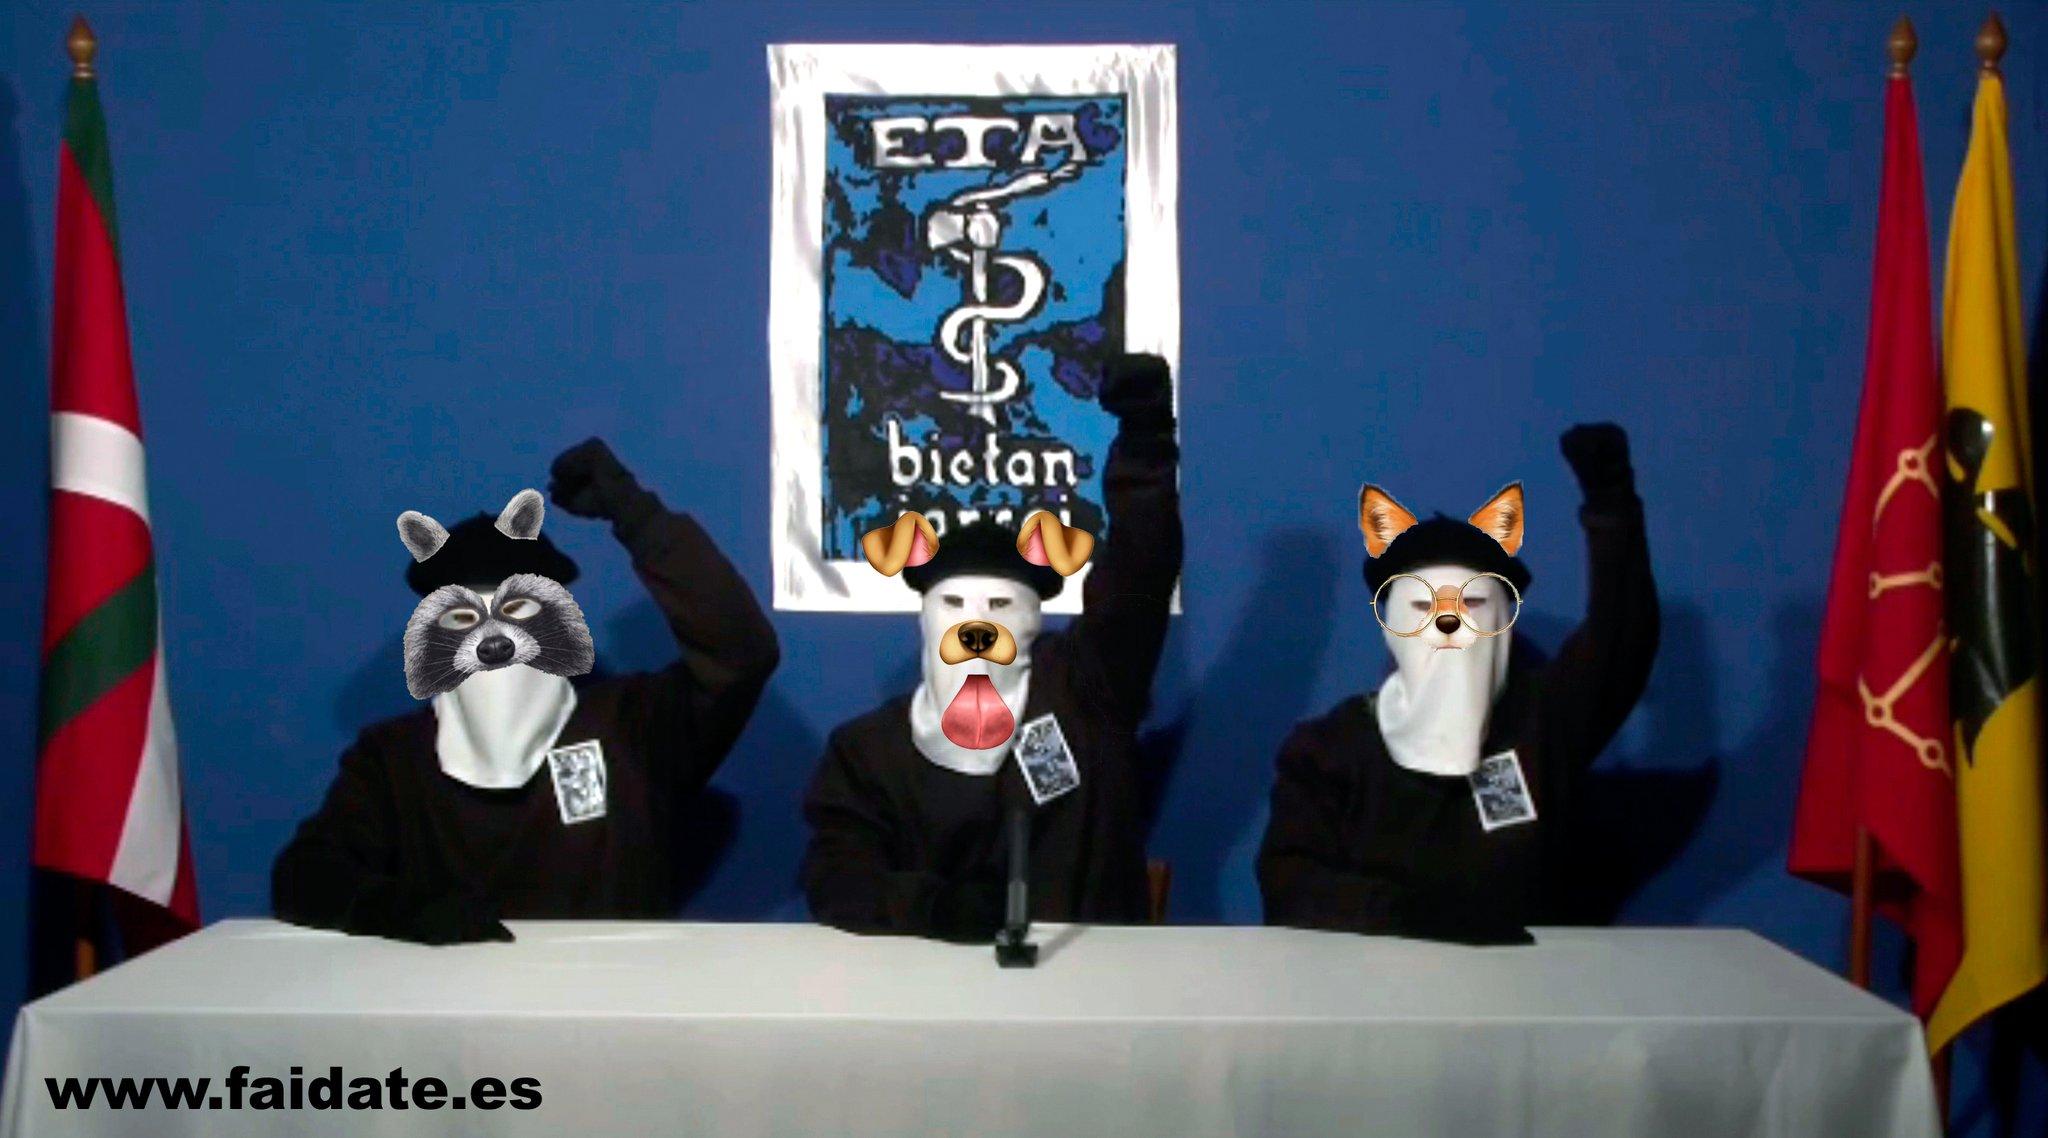 fotomontaje de humor de ETA